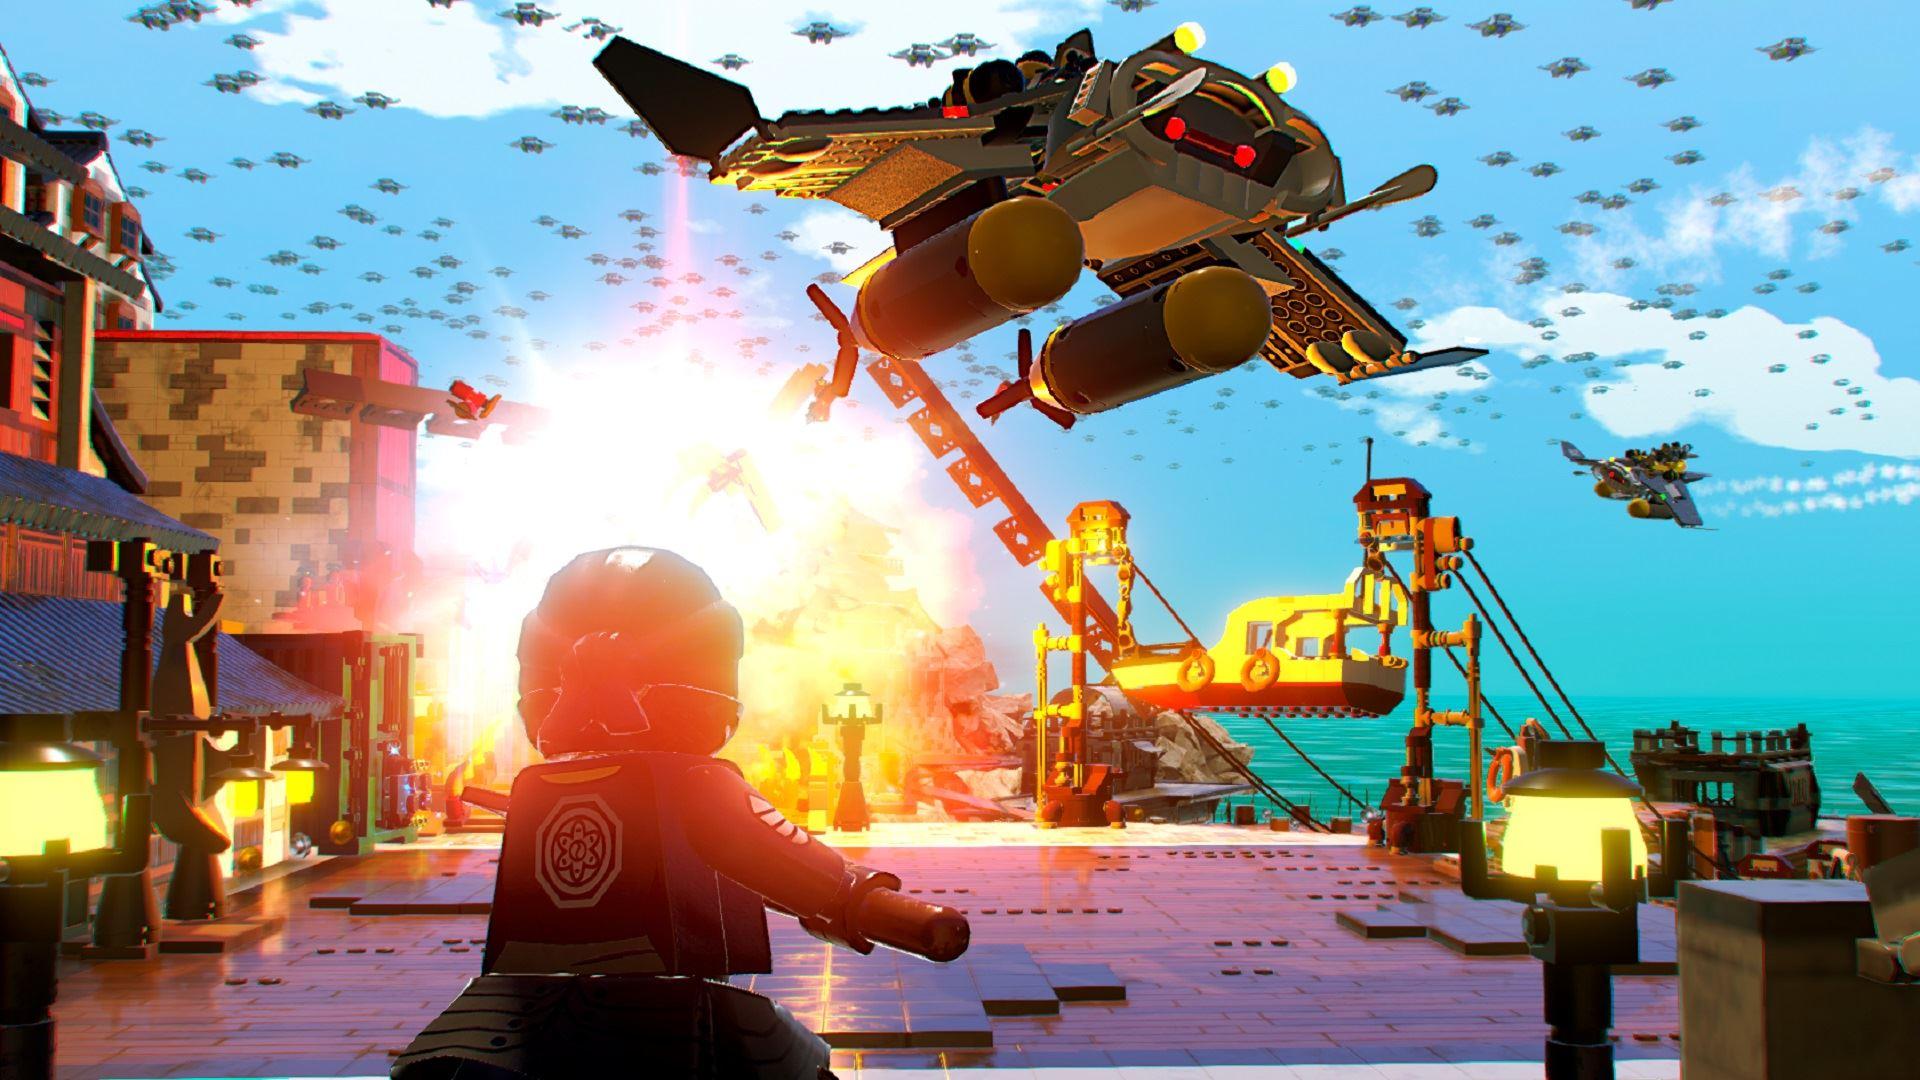 Lego ninjago games